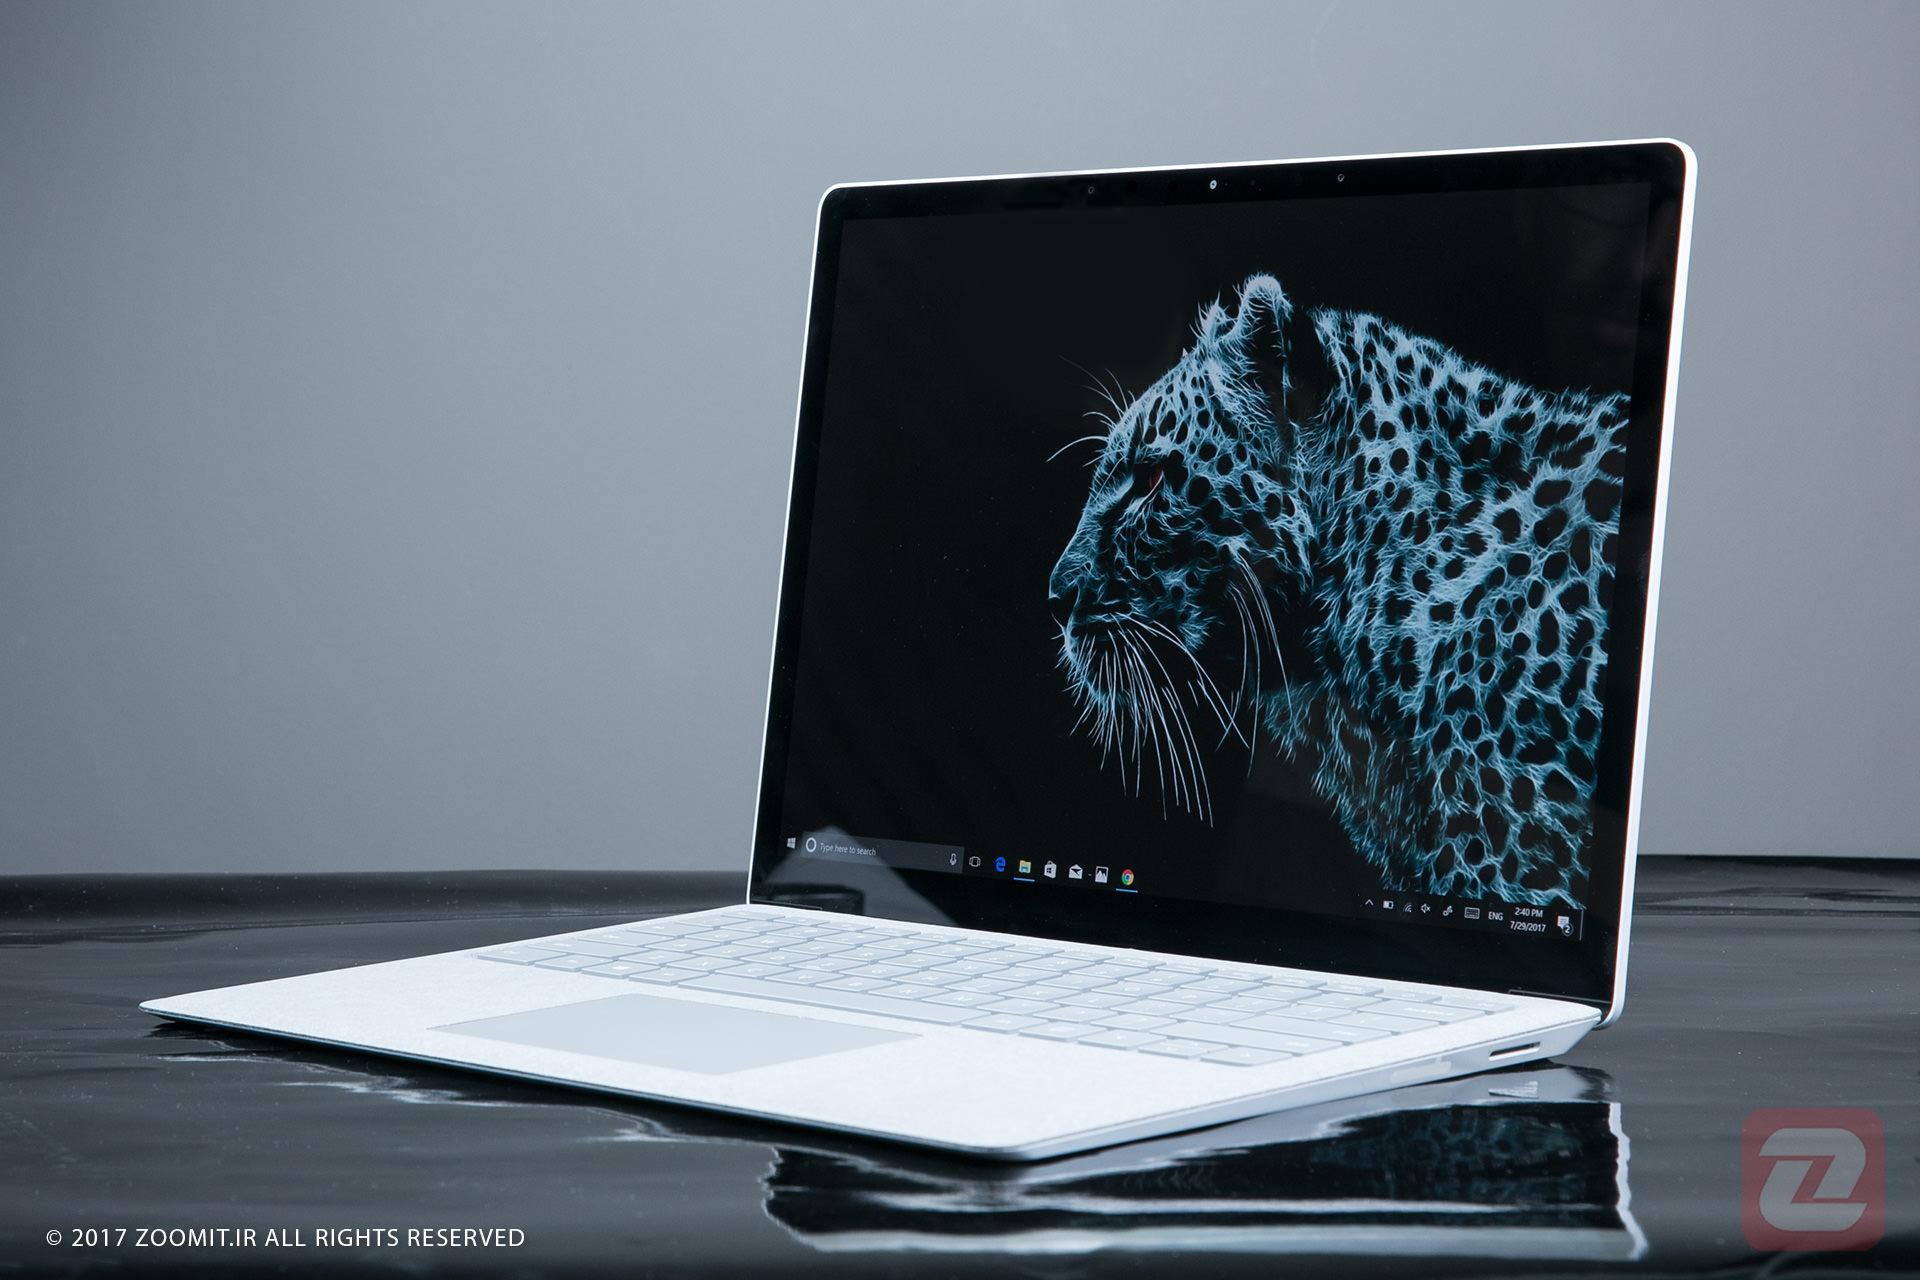 چرا سرفیس پرو جدید و سرفیس لپ تاپ 2 به پورت تاندربولت 3 نیاز دارند